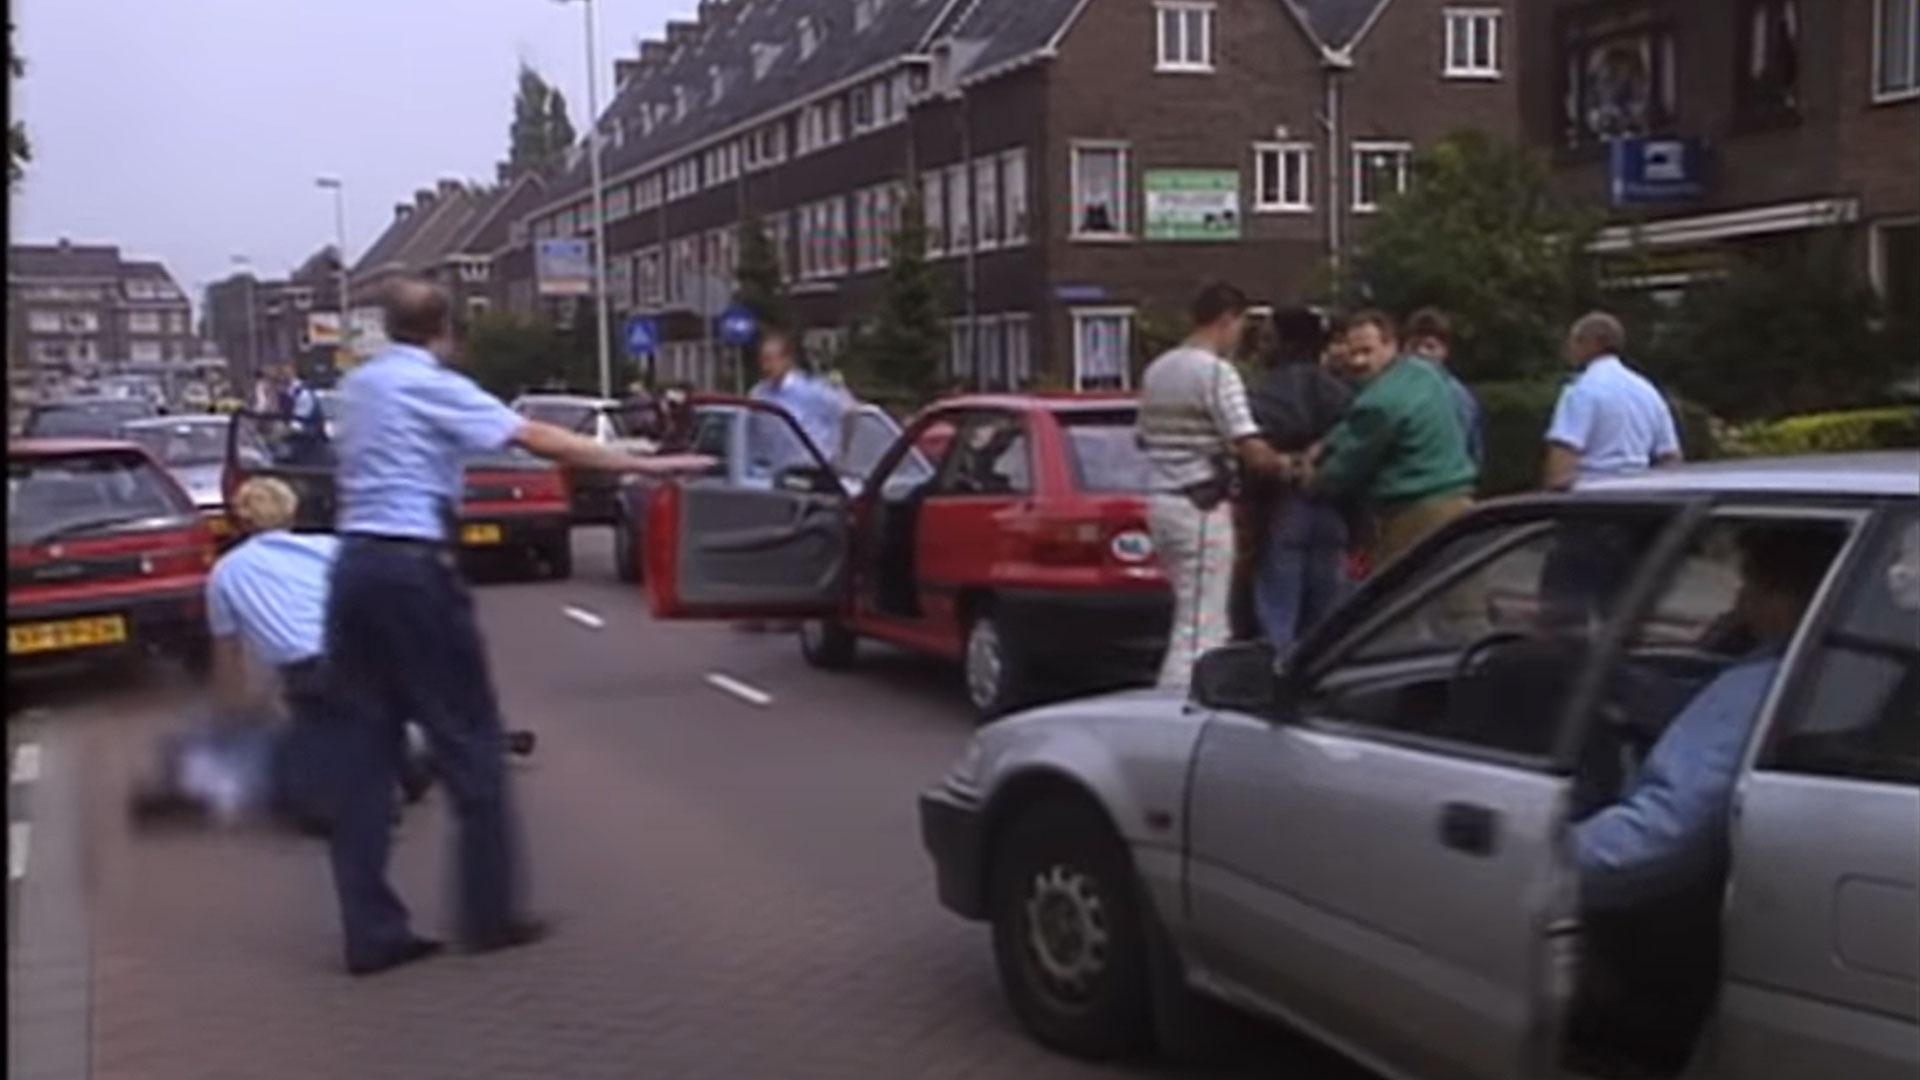 Politie-Civics uit Blik op de Weg